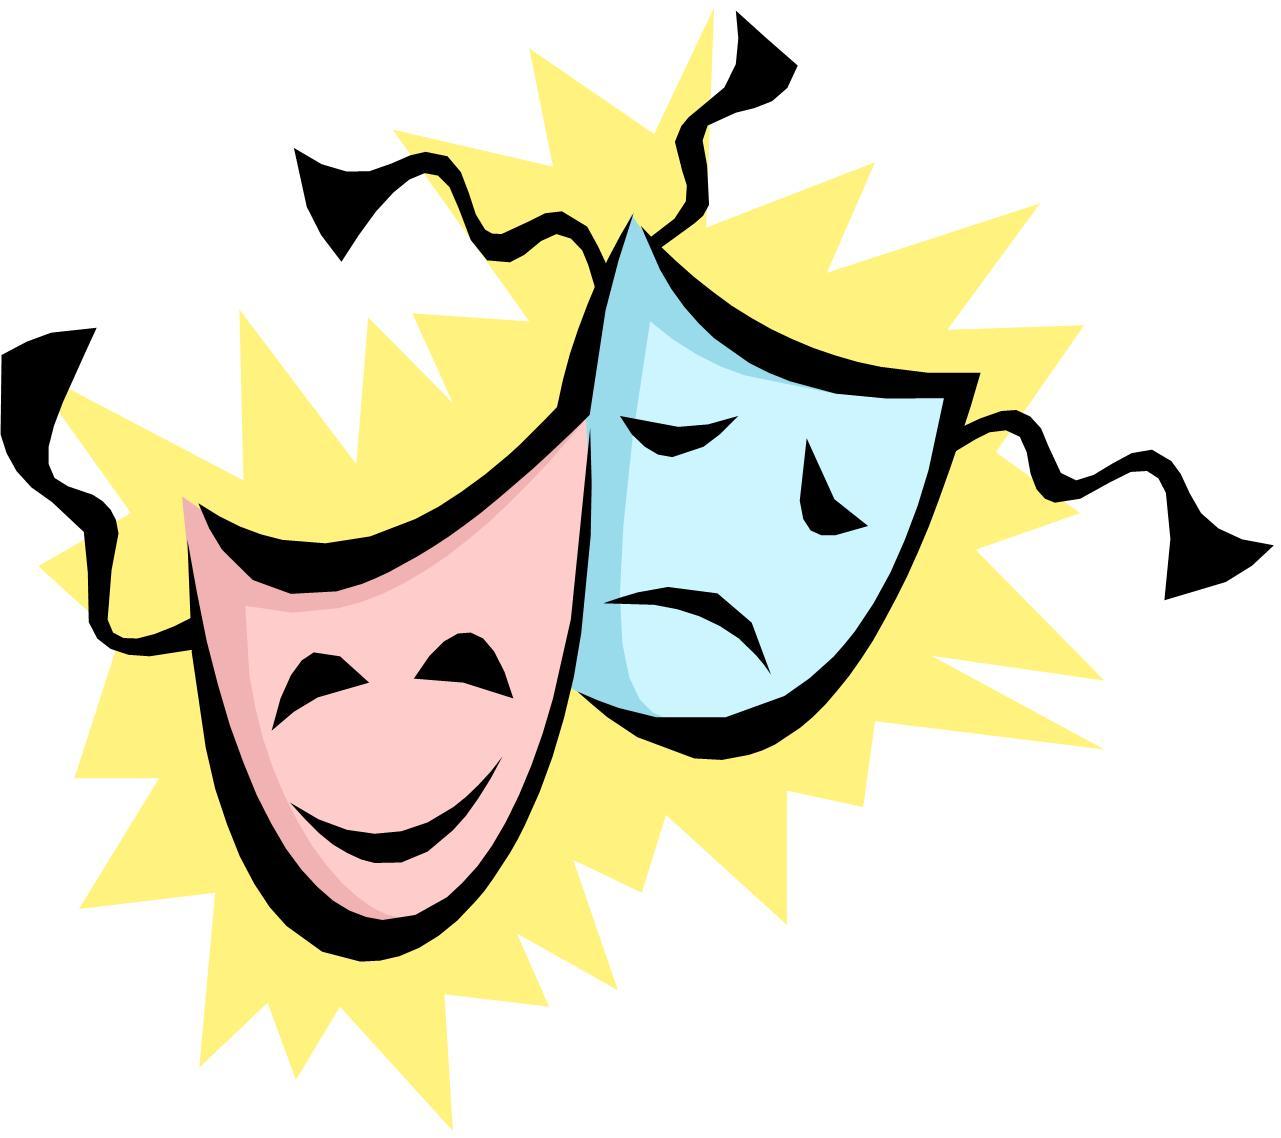 Theatre clipart kid drama Clip Theatre Clip mask theater